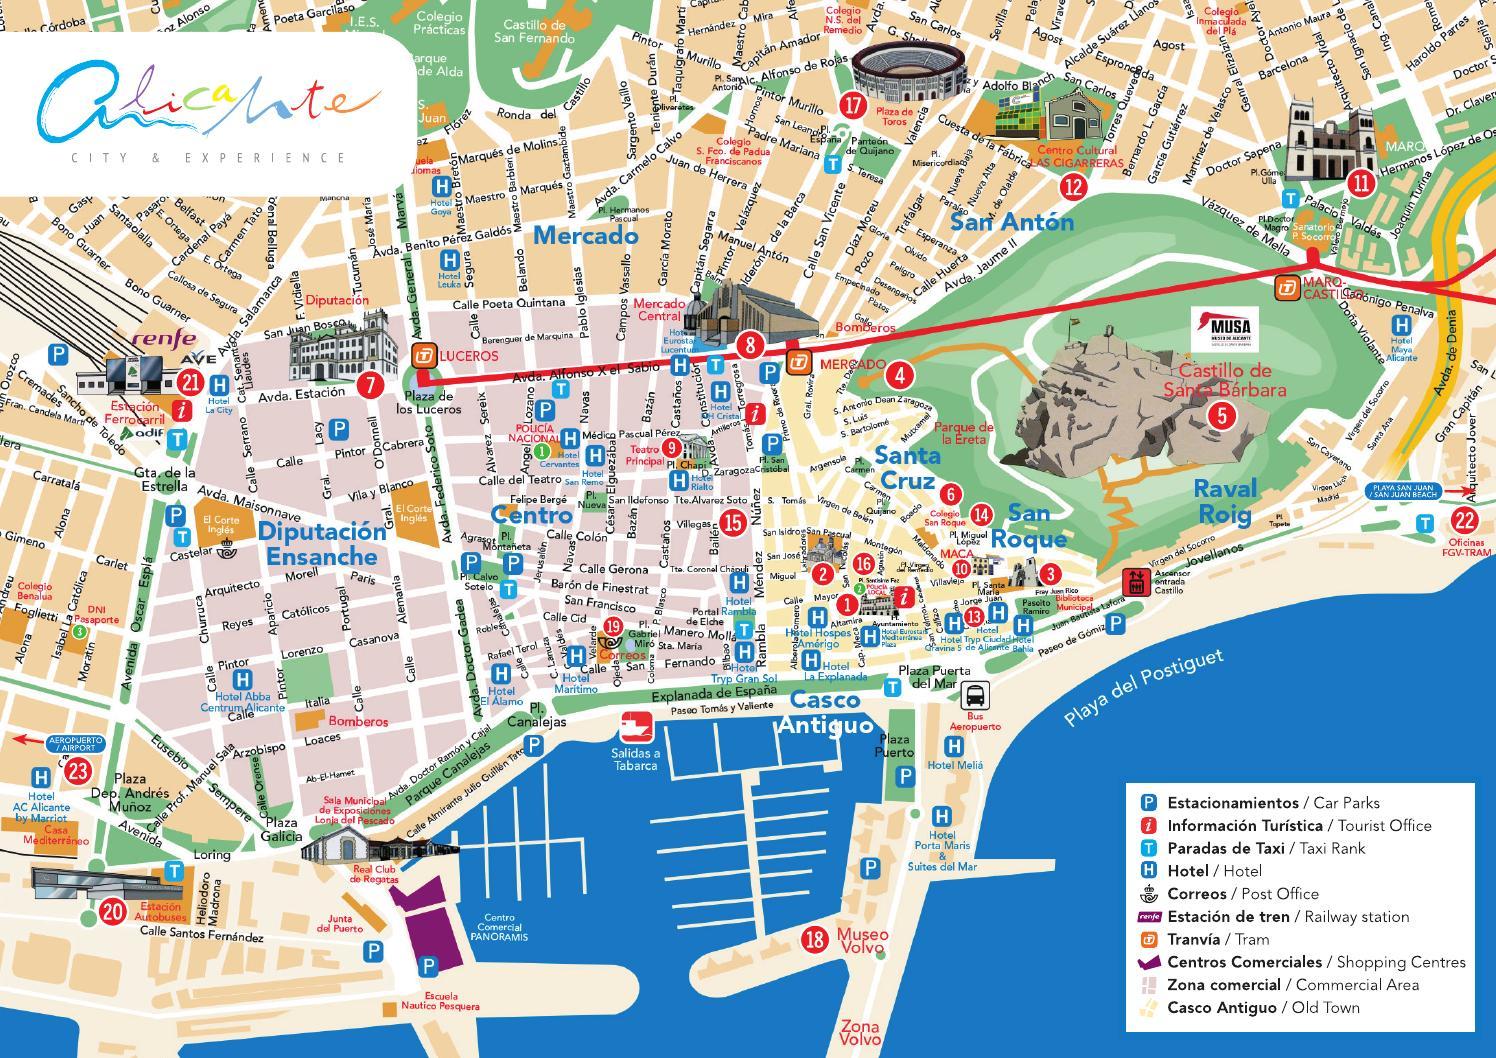 Туристическая карта города Аликанте